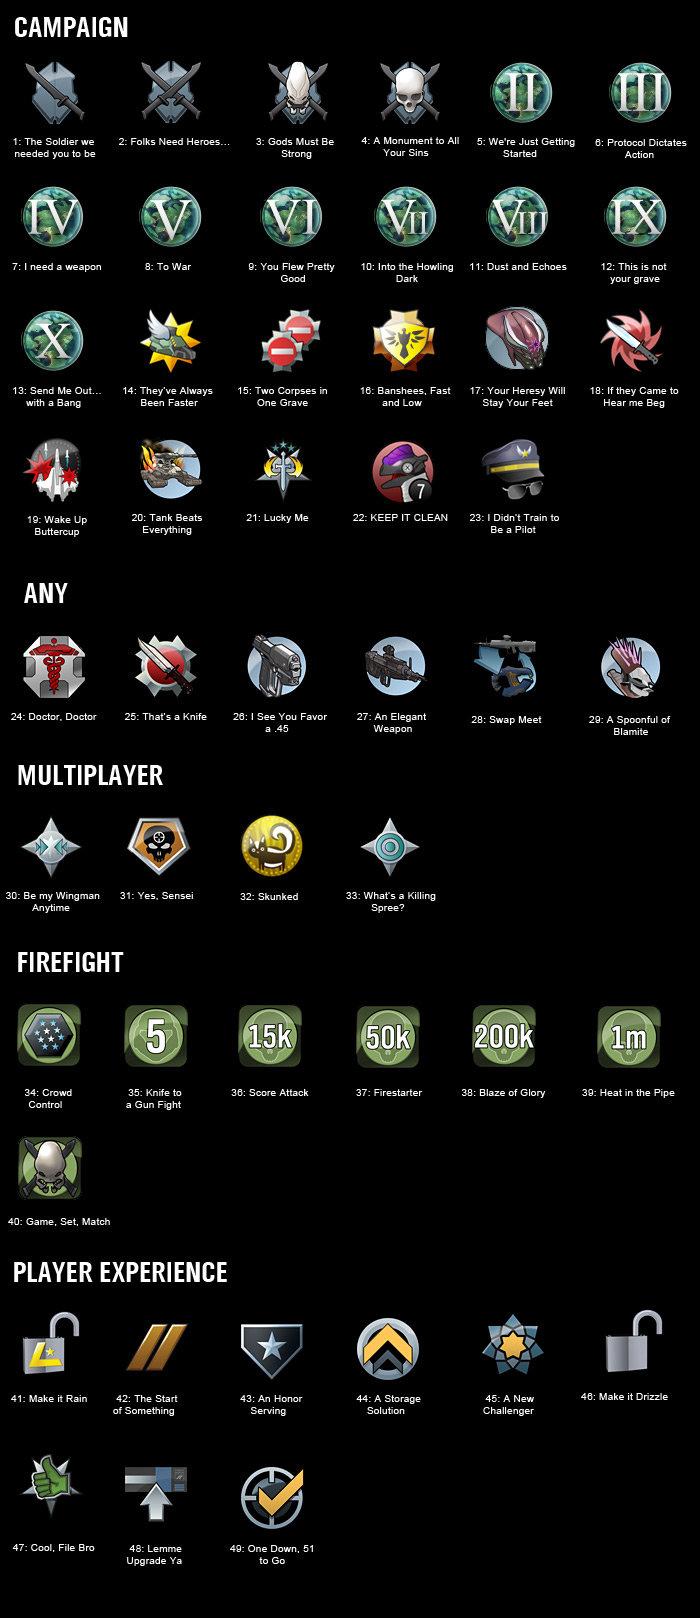 Halo matchmaking dla wielu graczy